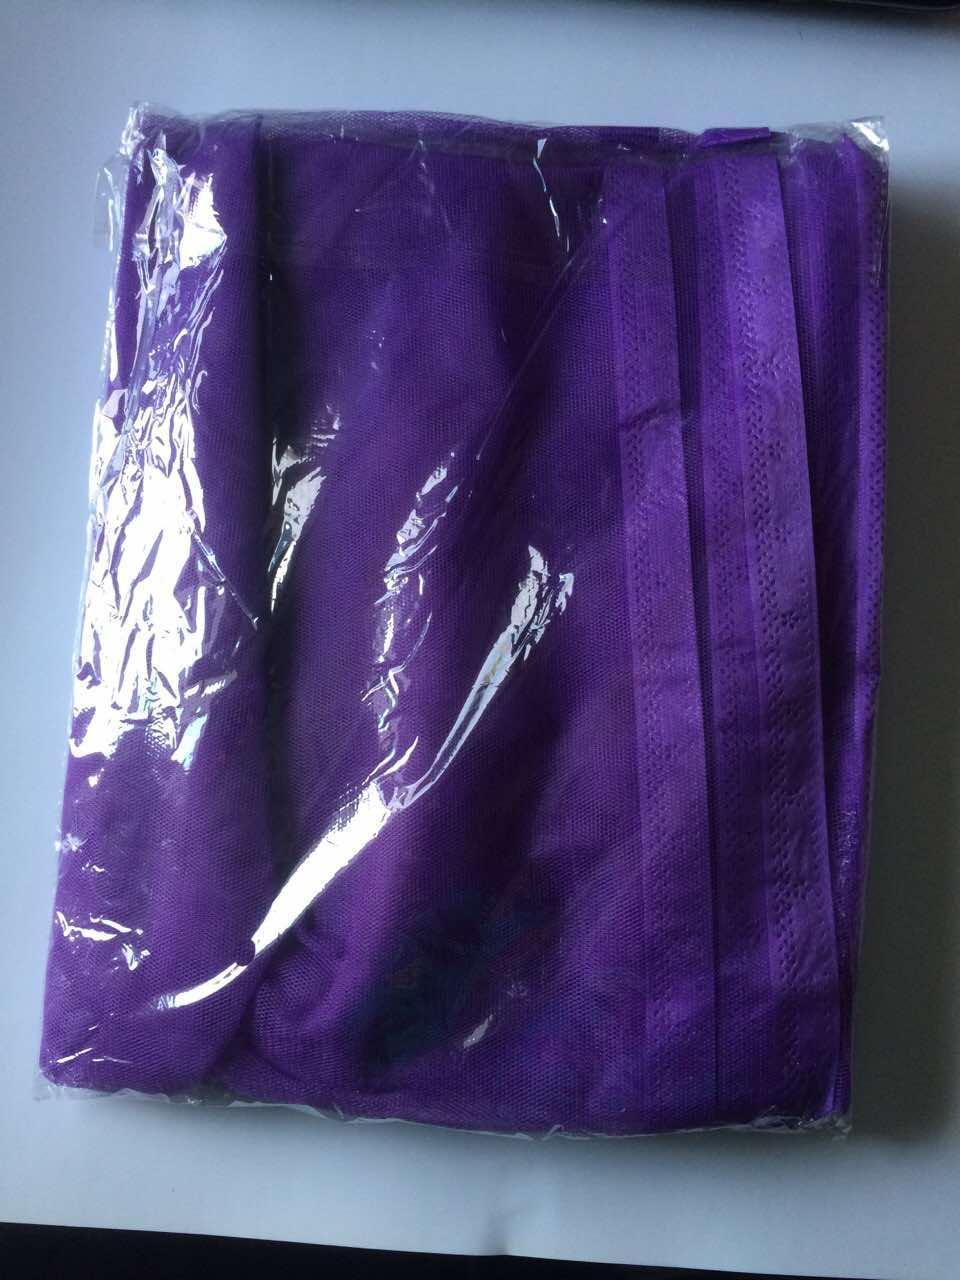 Москитная сетка на магнитах фиолетовый цвет.